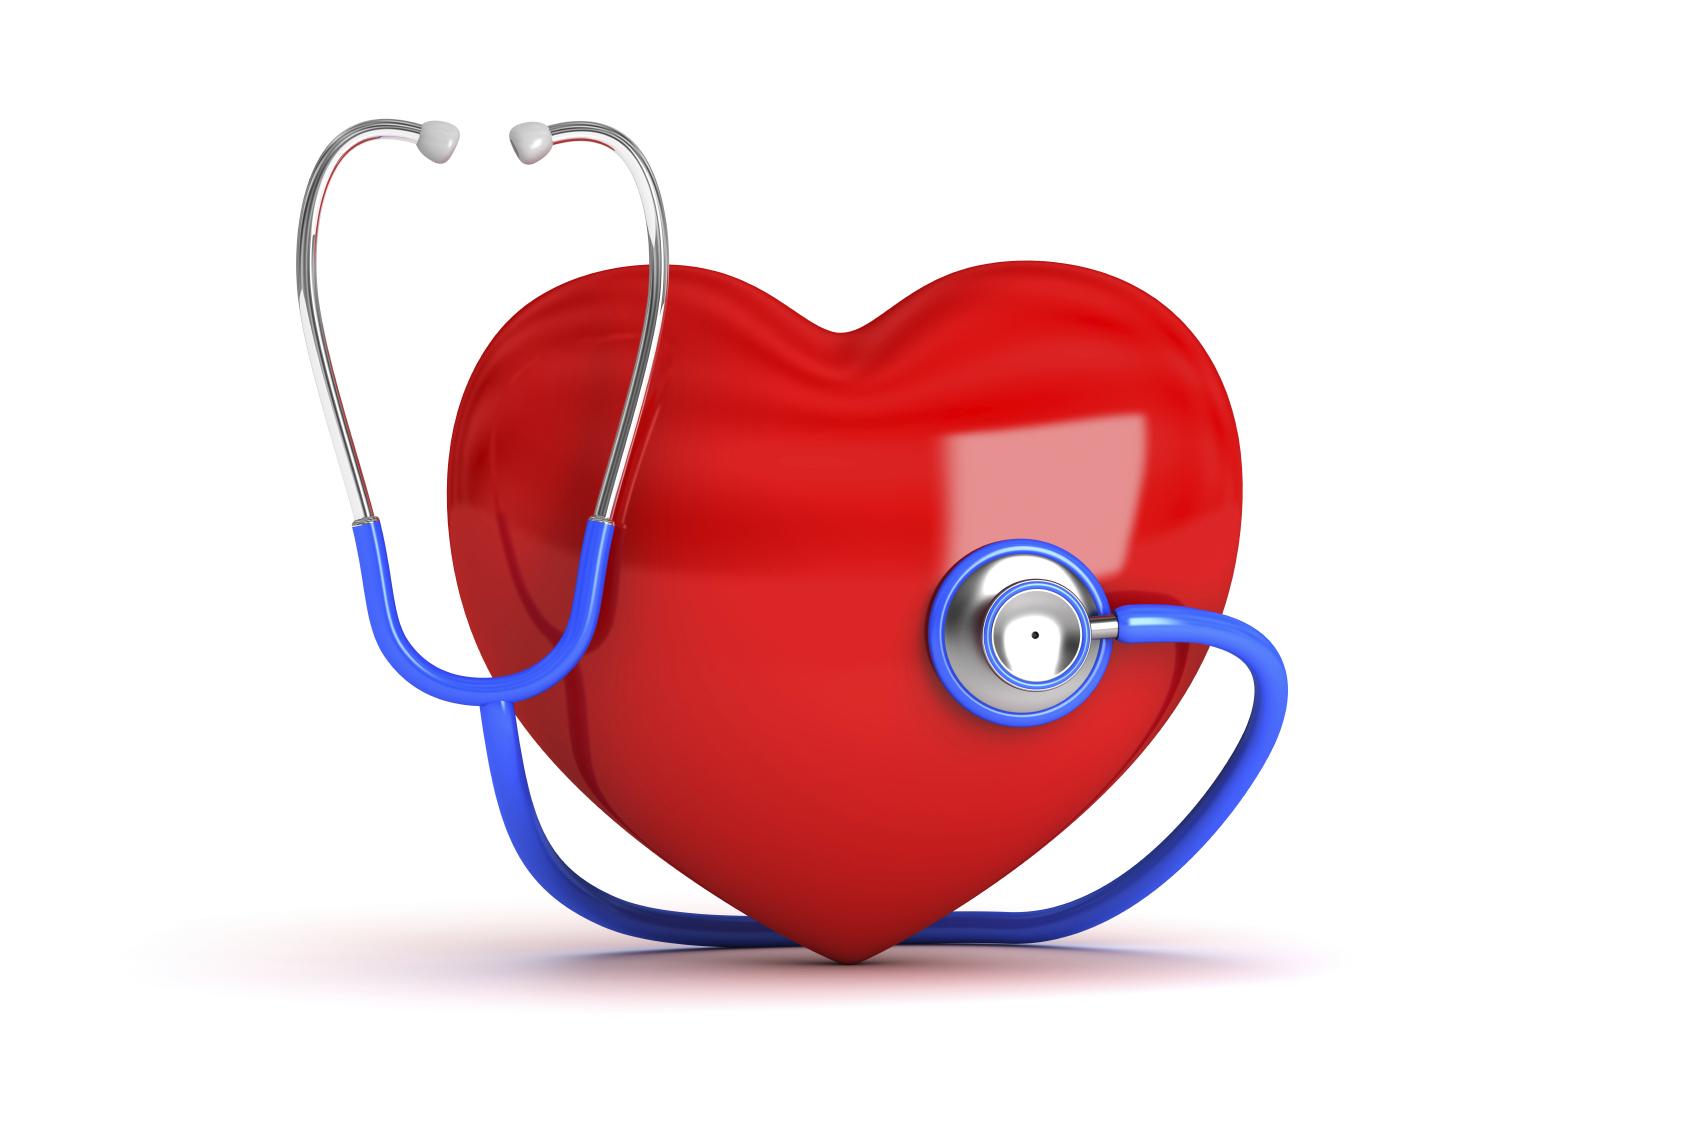 بالصور علاج مرض القلب , طريقة لعلاج امراض القلب والوقاية منها